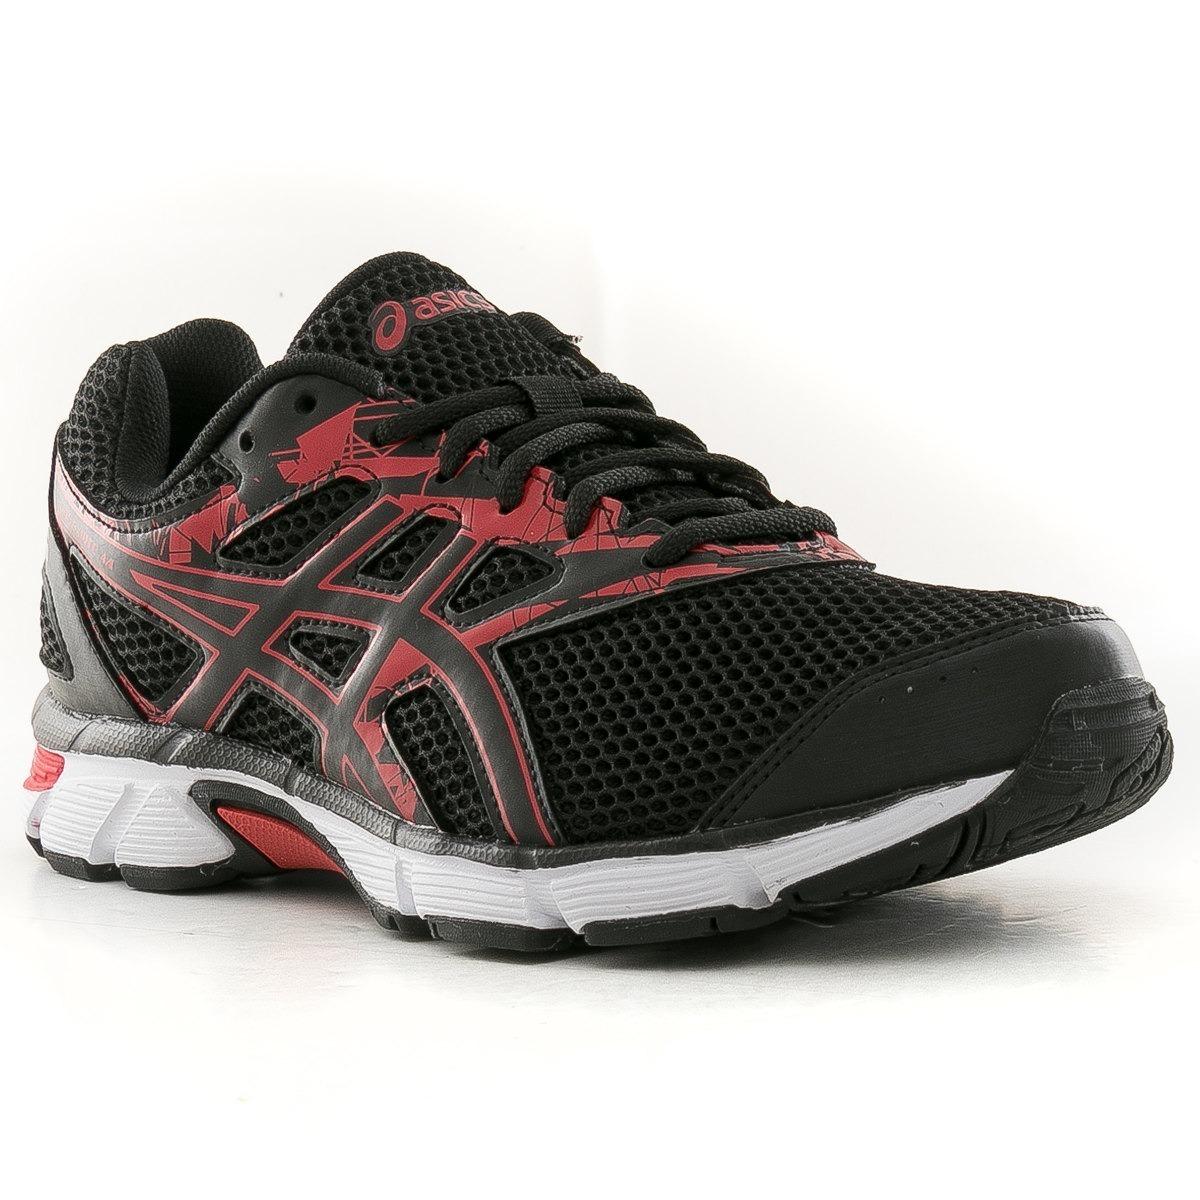 3c9810798 zapatillas asics gel excite 4 hombre running. Cargando zoom.